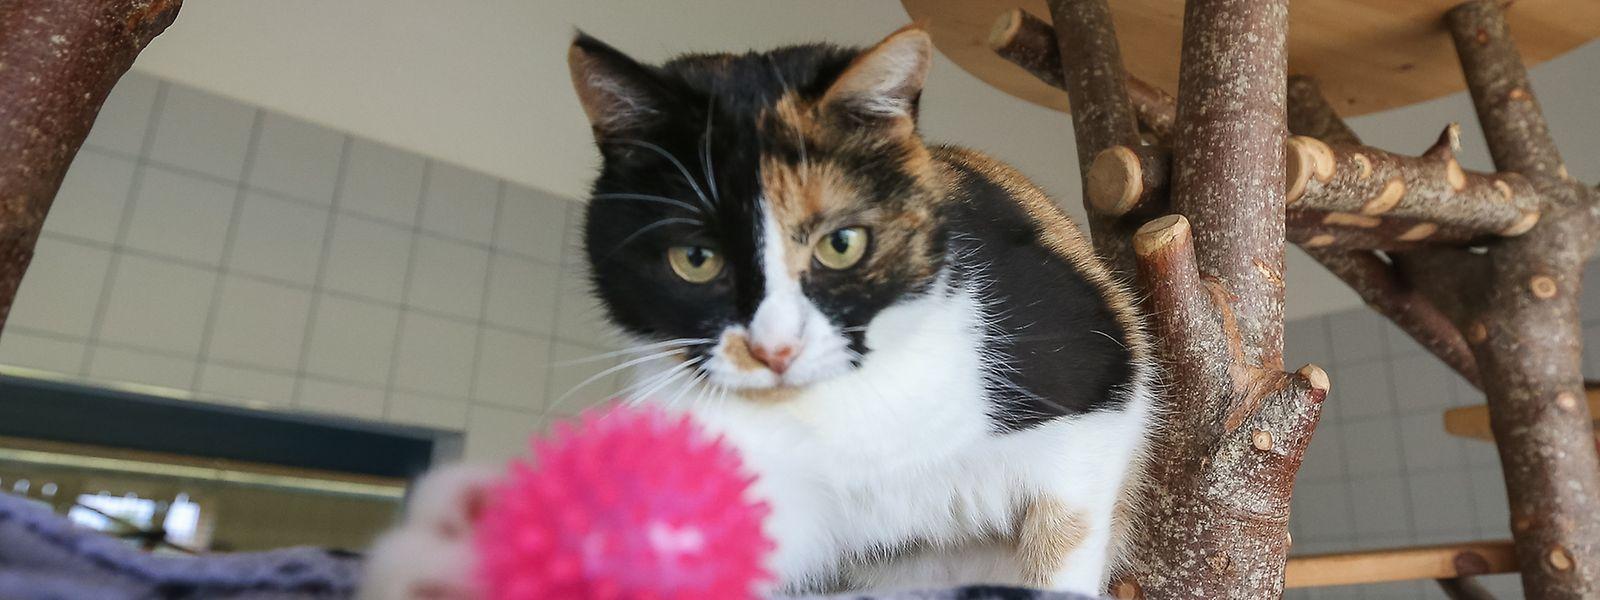 Erst vor kurzem wurde der Katzenbereich im Tierasyl Gasperich renoviert.